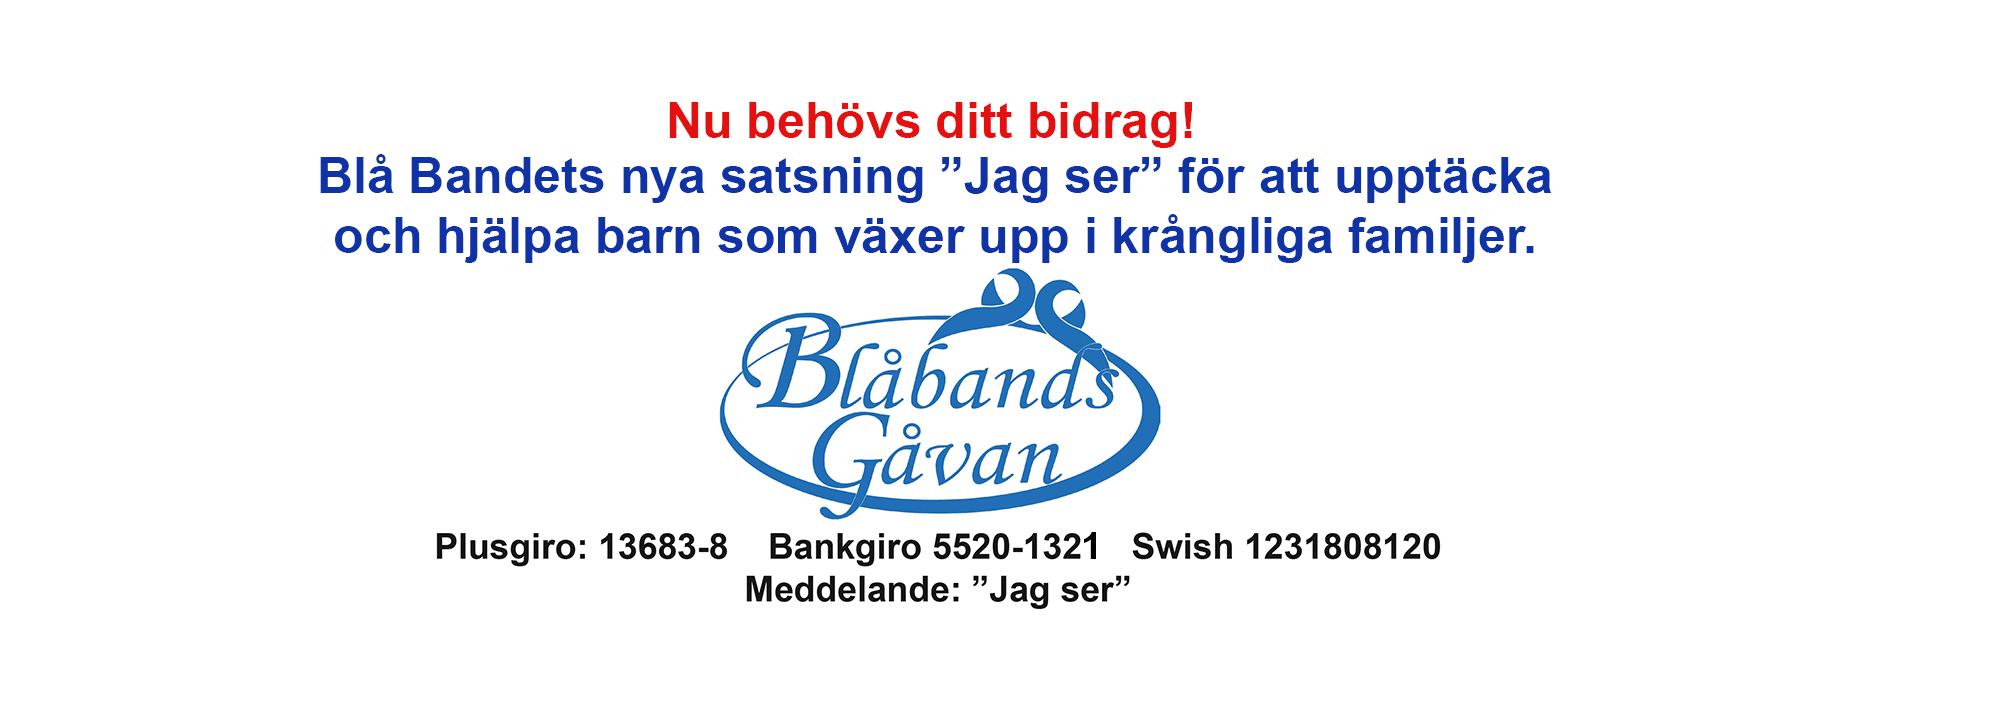 Blbandsgvan_-_Jag_ser_kopia_9